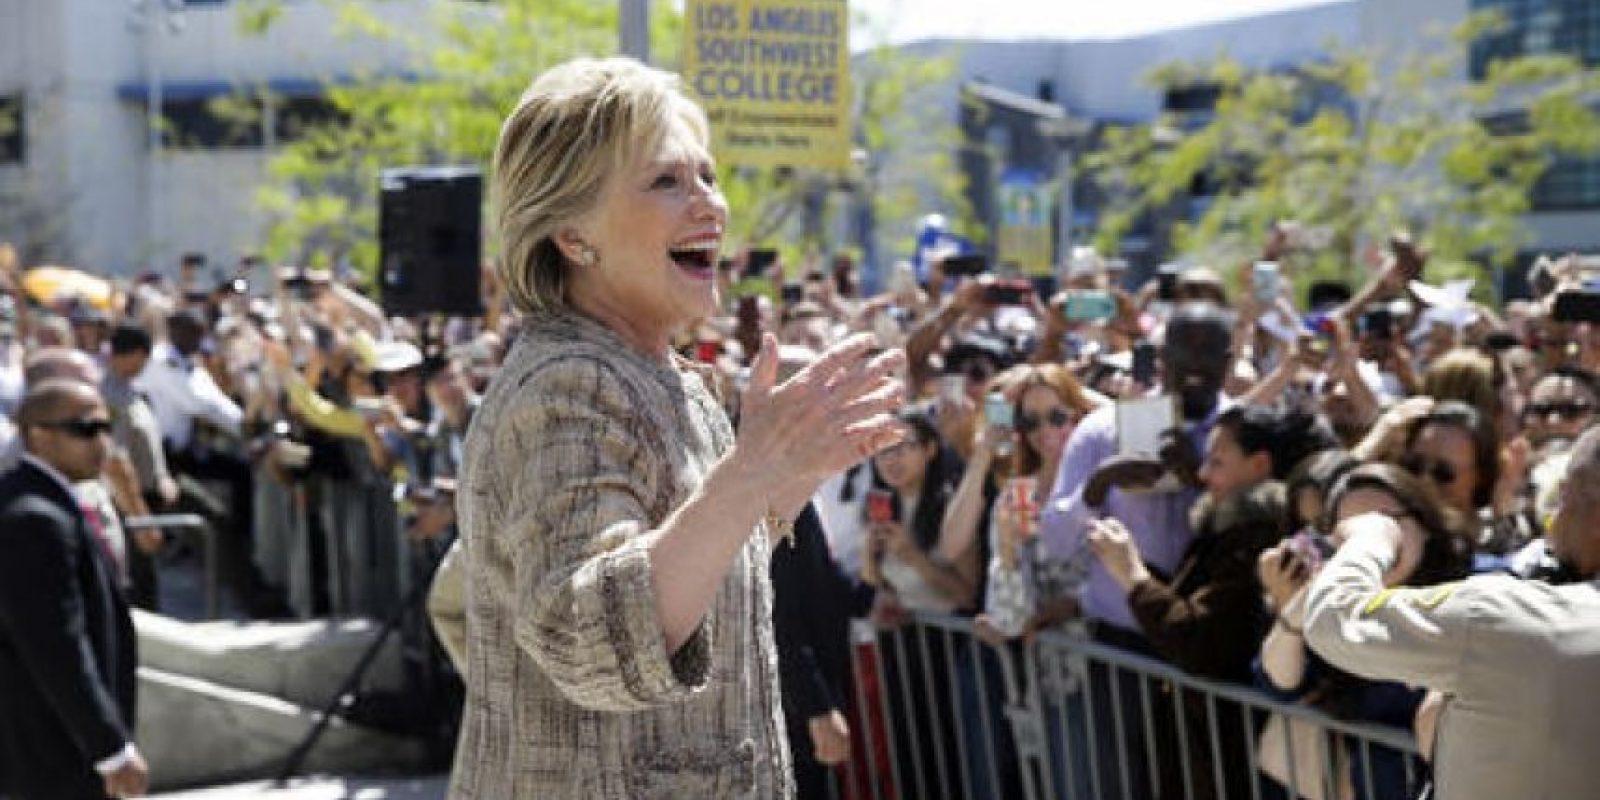 Hillary Clinton continúa siendo la favorita a la candidatura del Partido Demócrata a la presidencia. Foto:AP